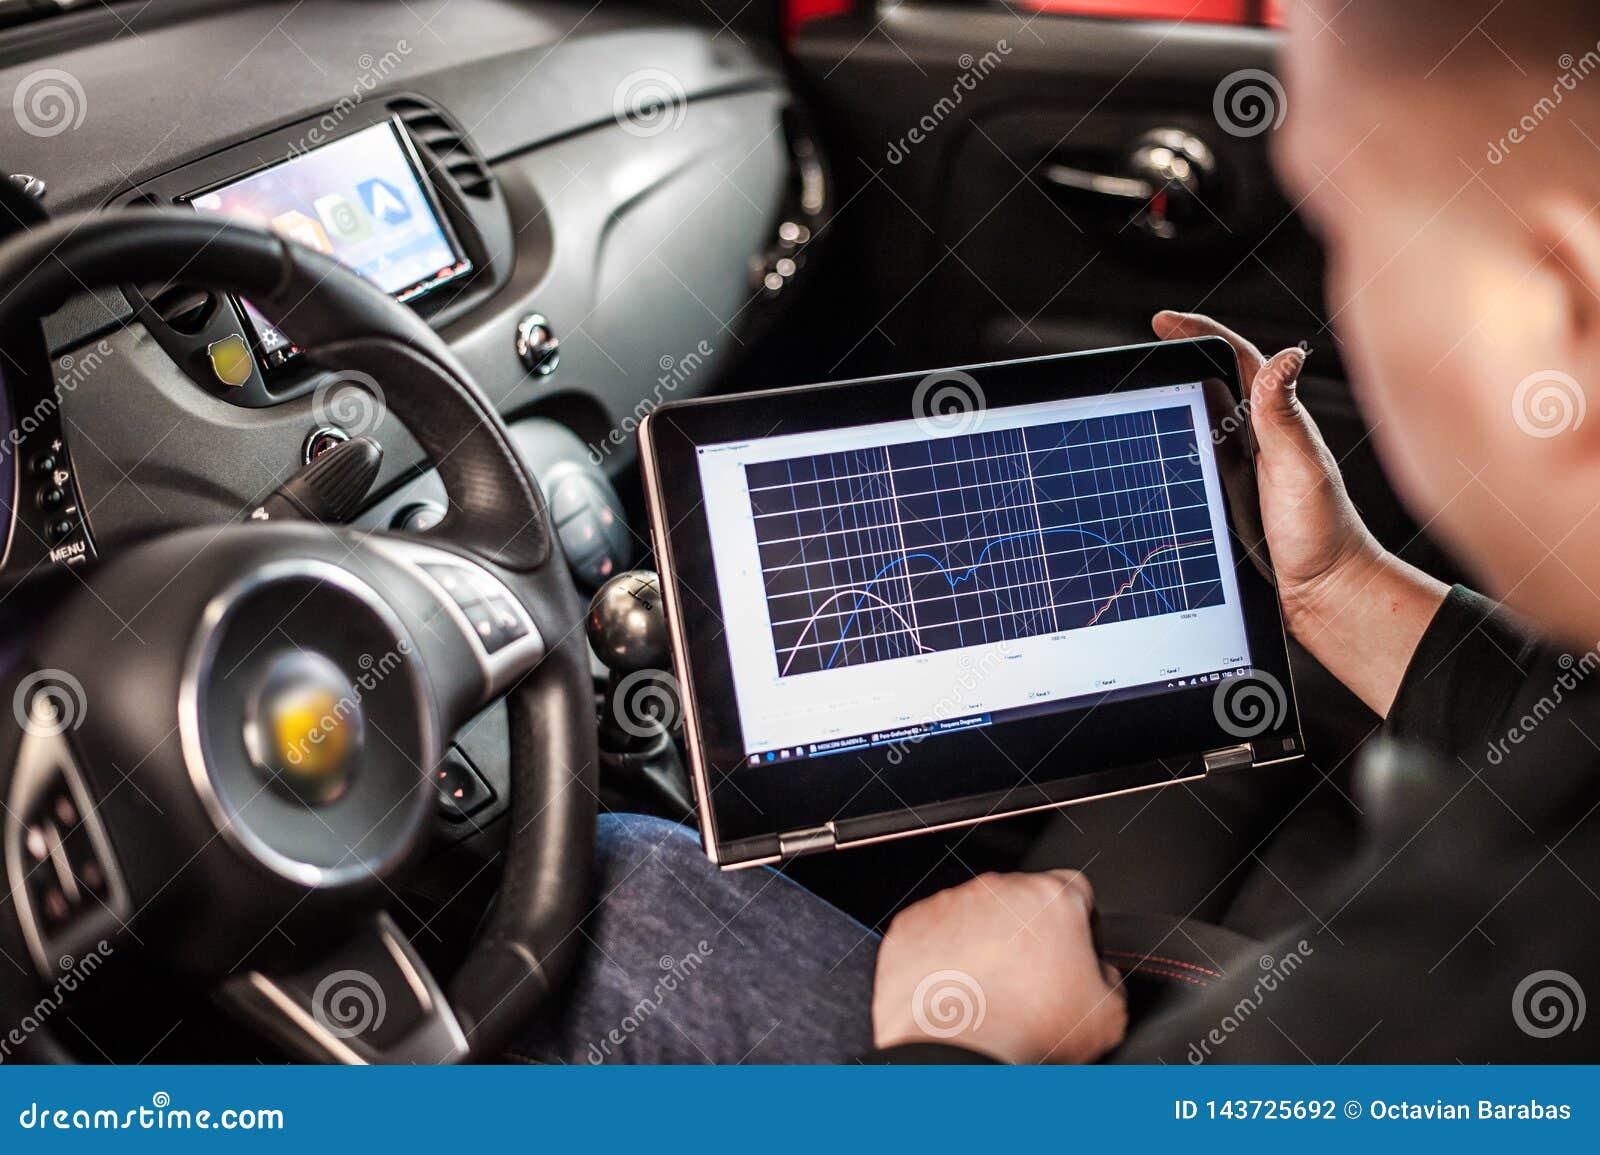 Ηλεκτρική συσκευή διαγνώσεων στο σύγχρονο αυτοκίνητο